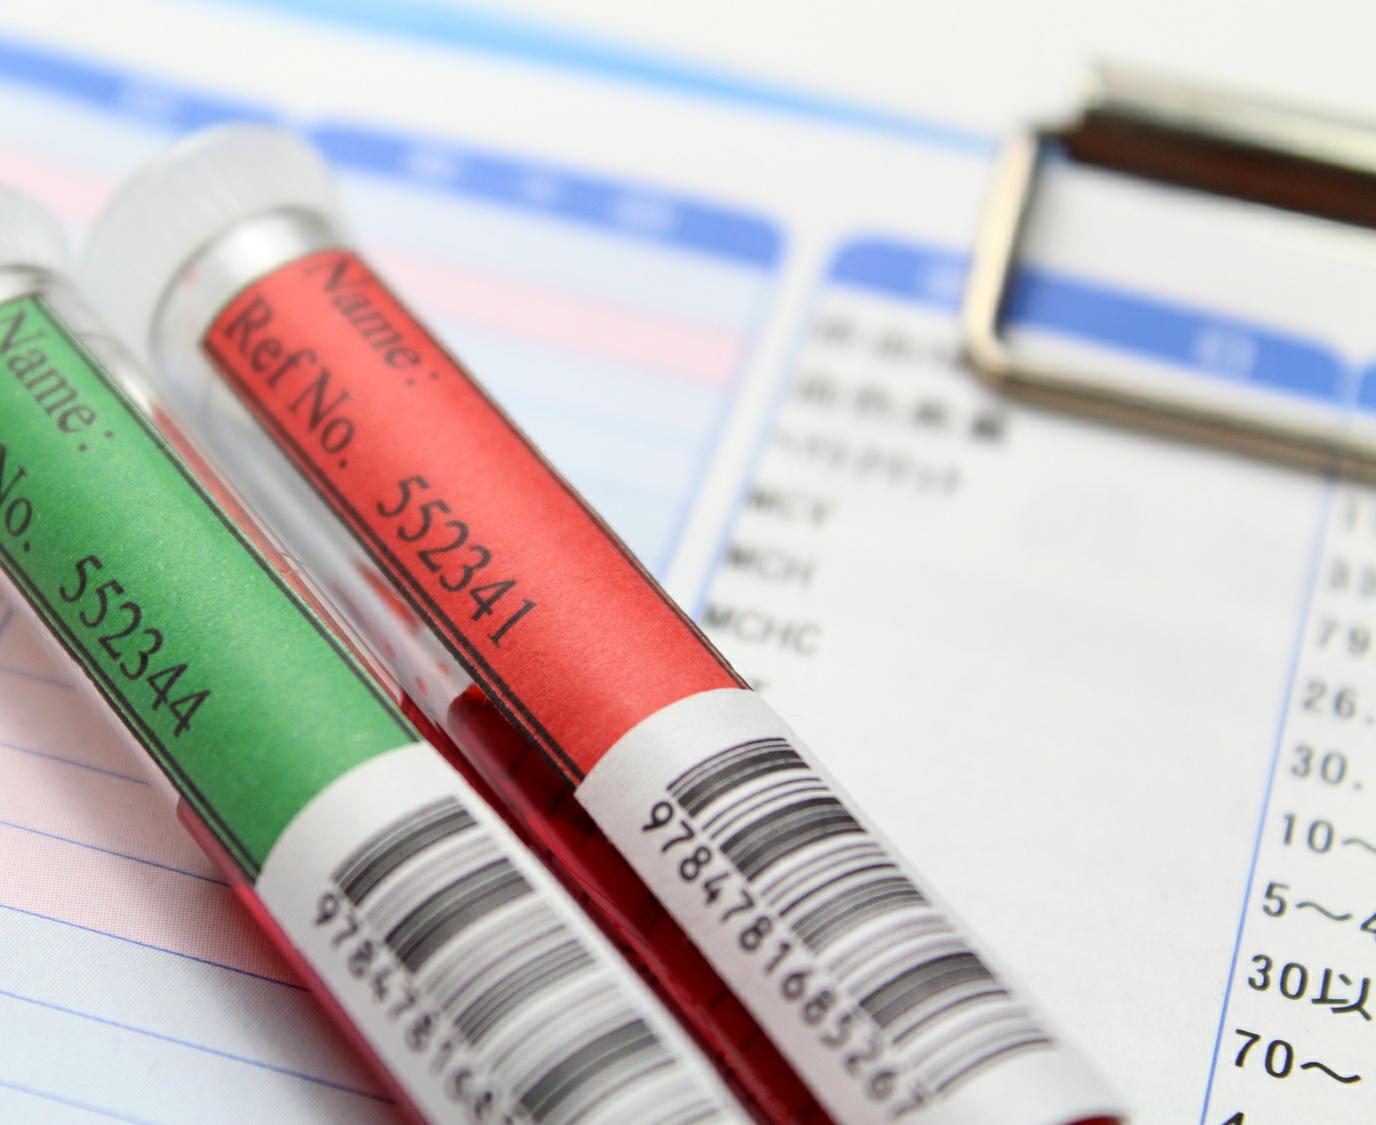 膵臓がん 簡易な血液検査で早期発見 鹿児島で臨床研究を開始